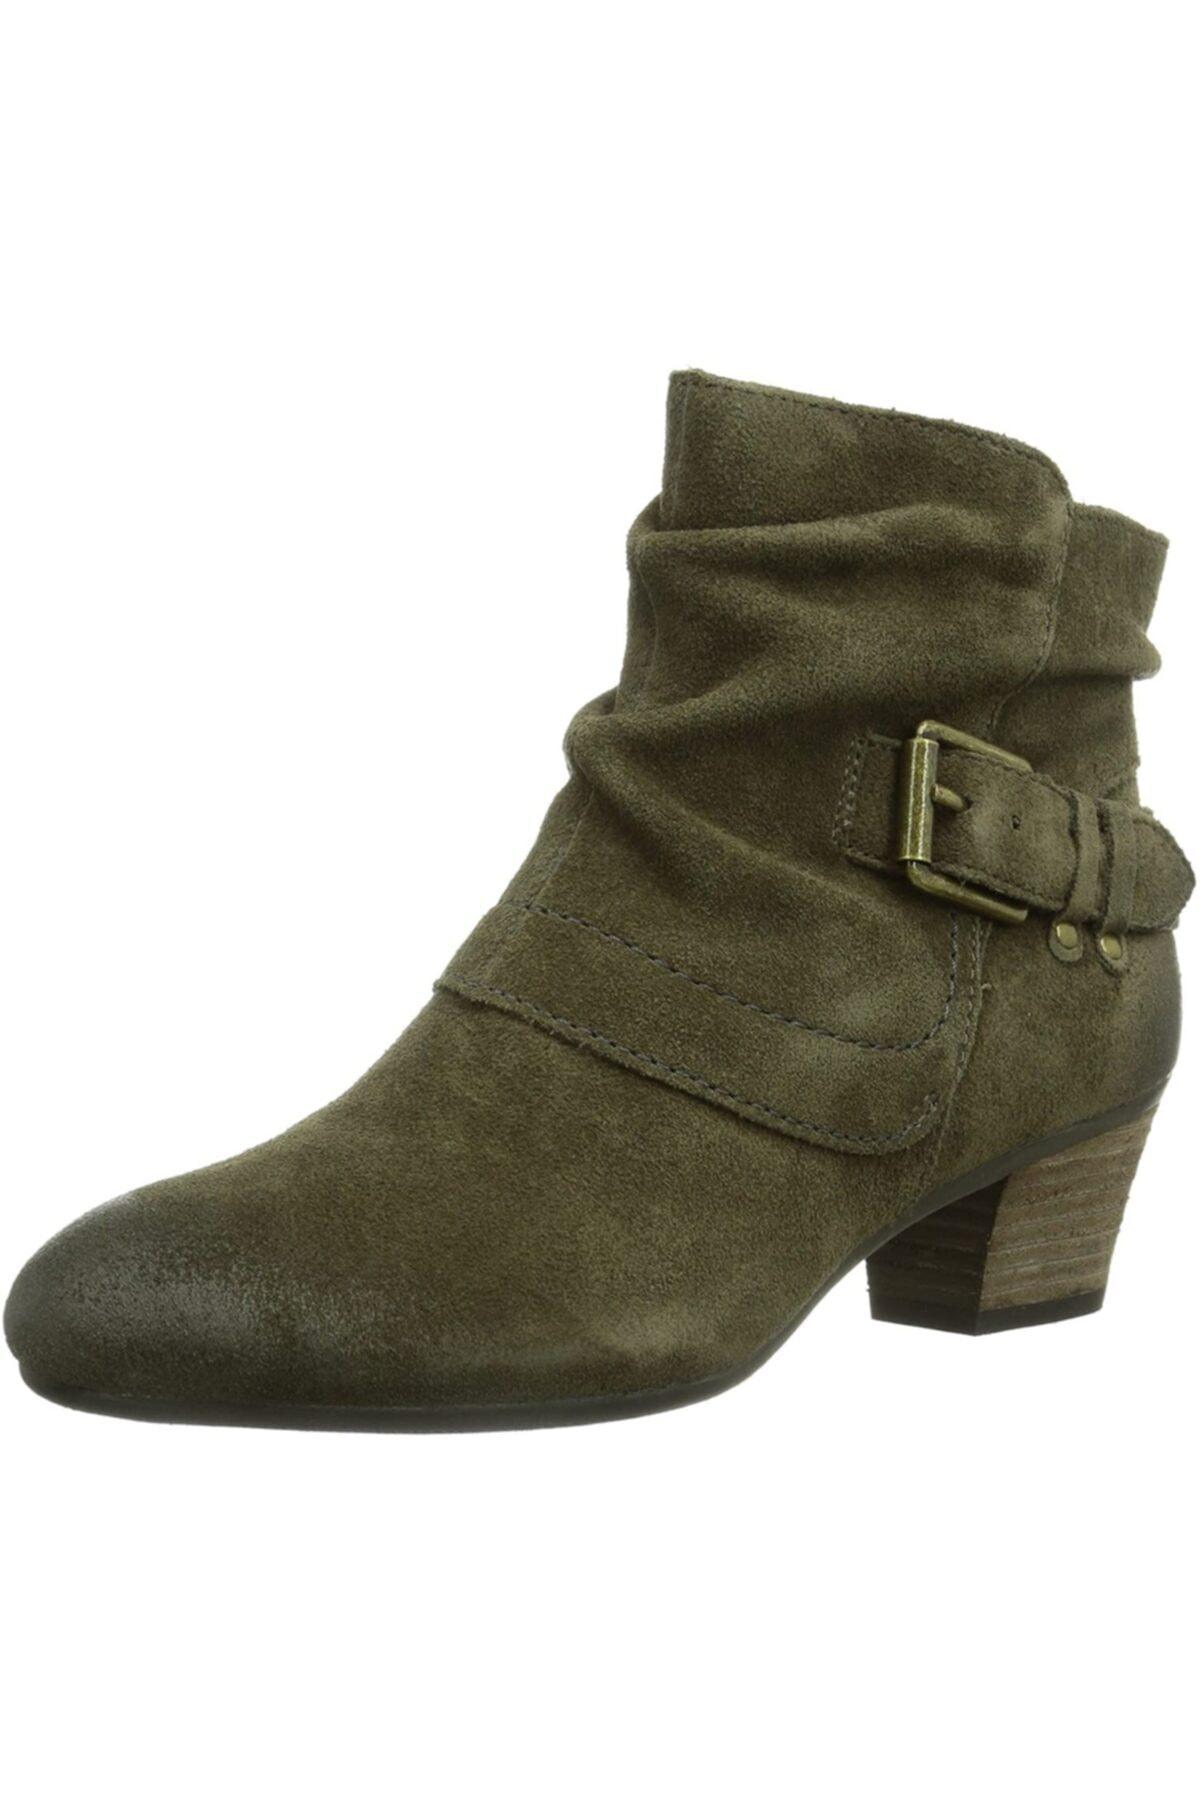 CLARKS Kadın Yeşil Bot Sırçalı Yağlı Nubuk Cowboy Boots Melani Jude 1